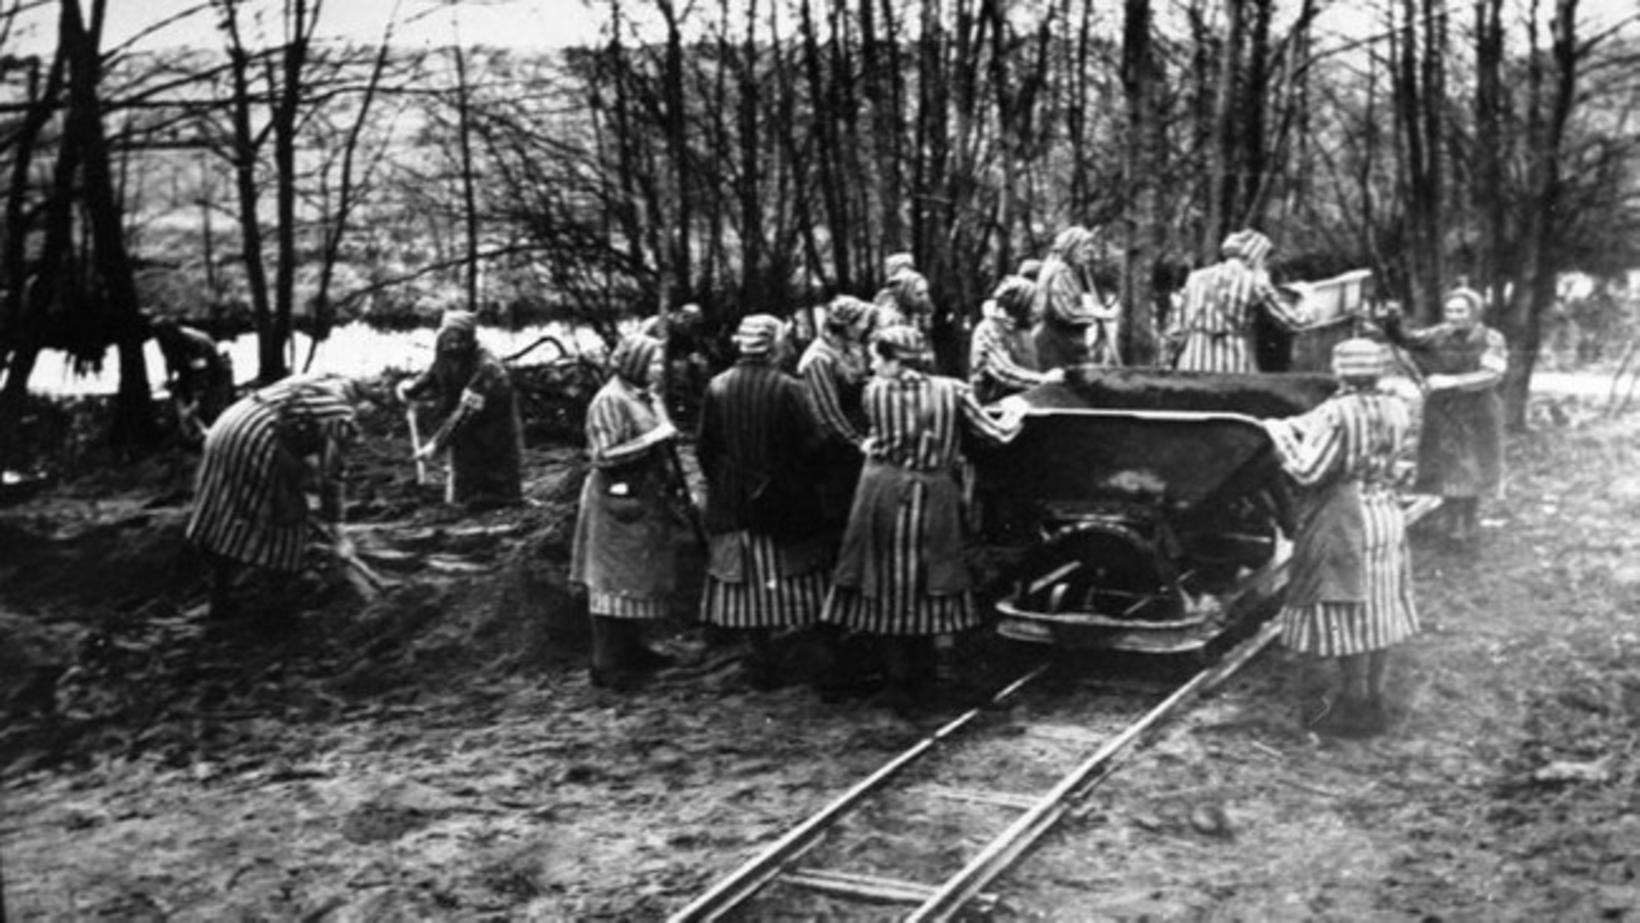 Konur við þrælkunarvinnu í Ravensbrück-útrýmingarbúðunum í Þýskalandi árið 1939. Þar …